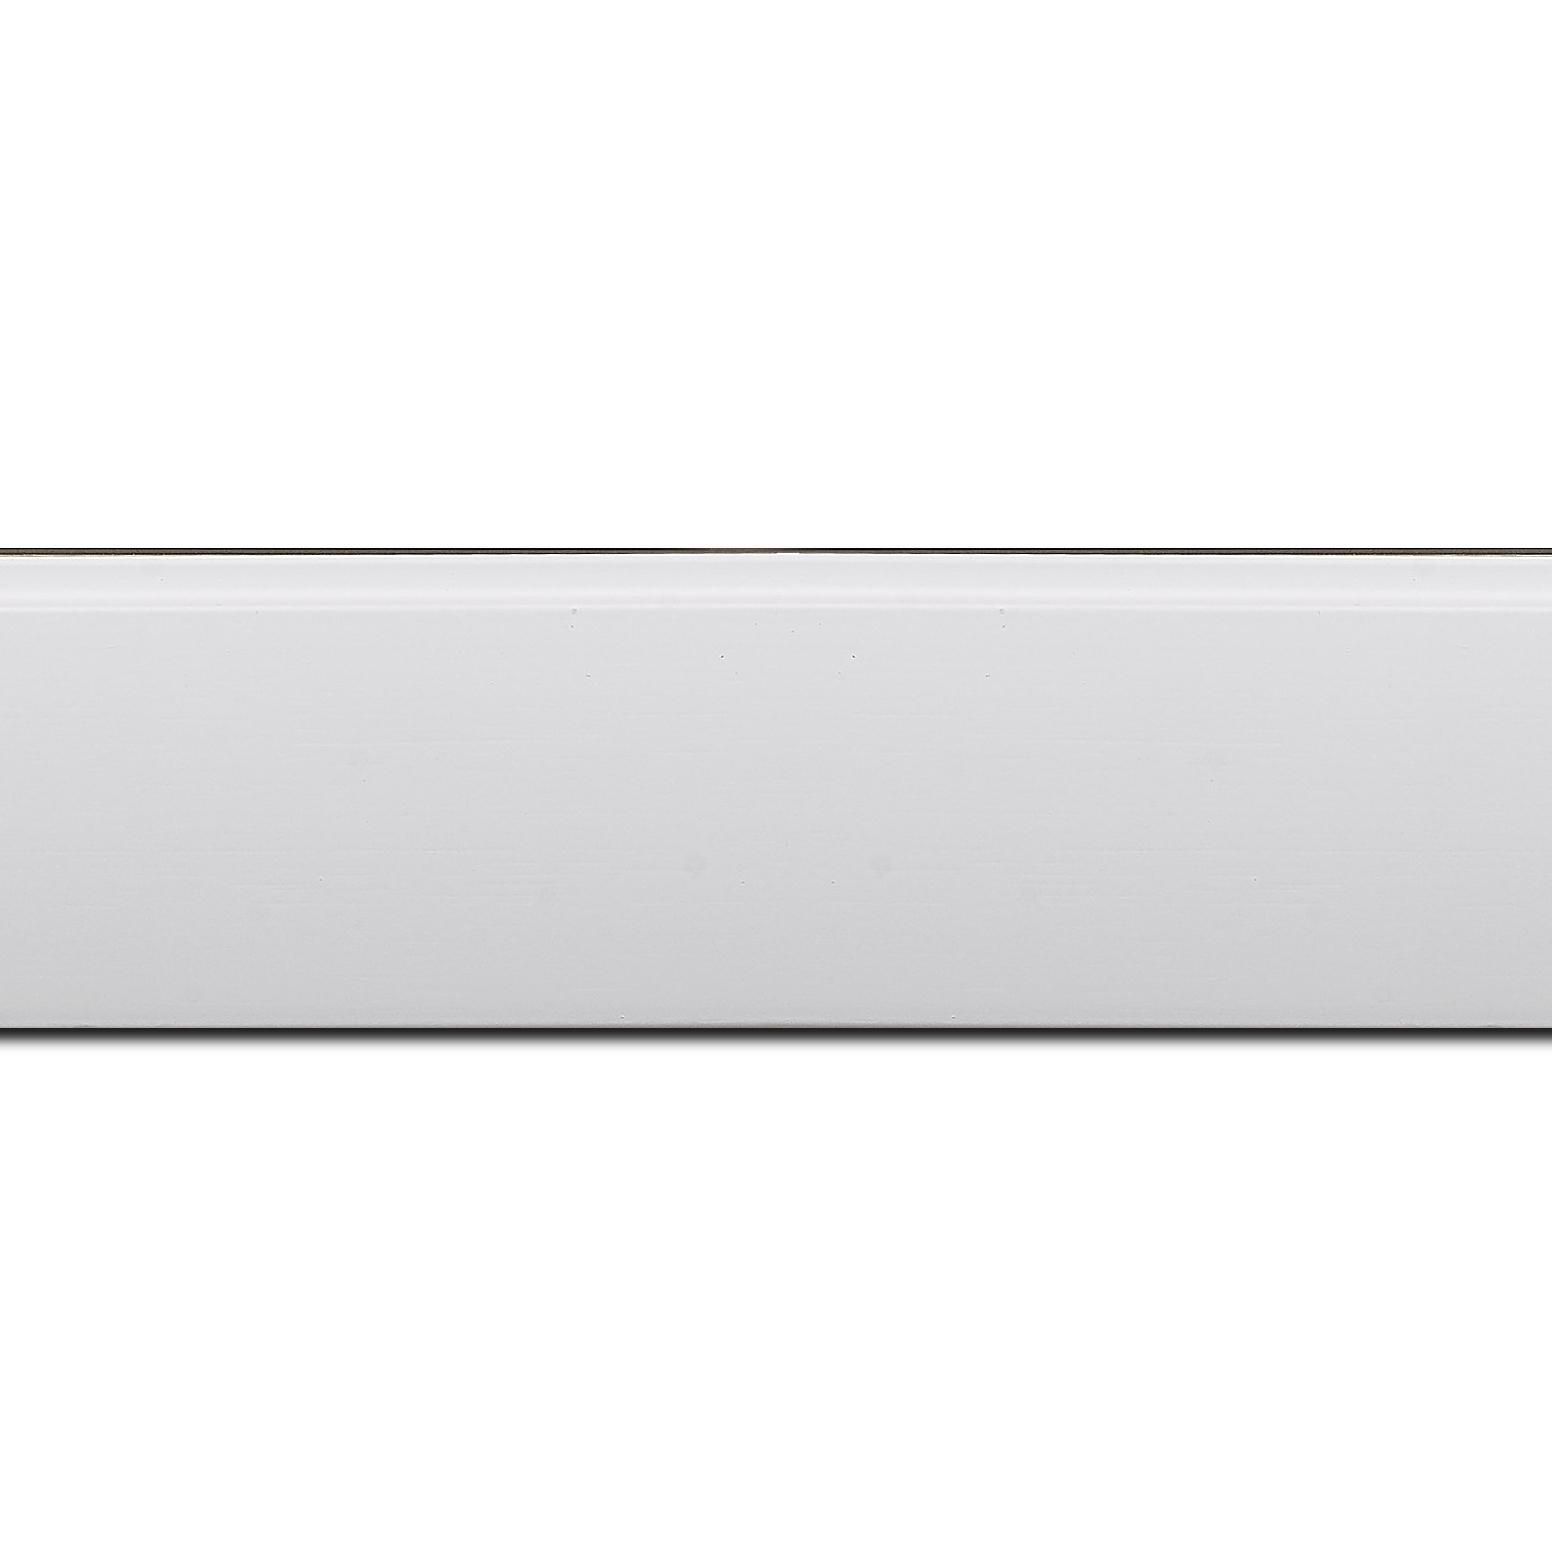 Pack par 12m, bois profil en pente méplat largeur 4.8cm couleur  blanc mat surligné par une gorge extérieure blanche : originalité et élégance assurée (longueur baguette pouvant varier entre 2.40m et 3m selon arrivage des bois)